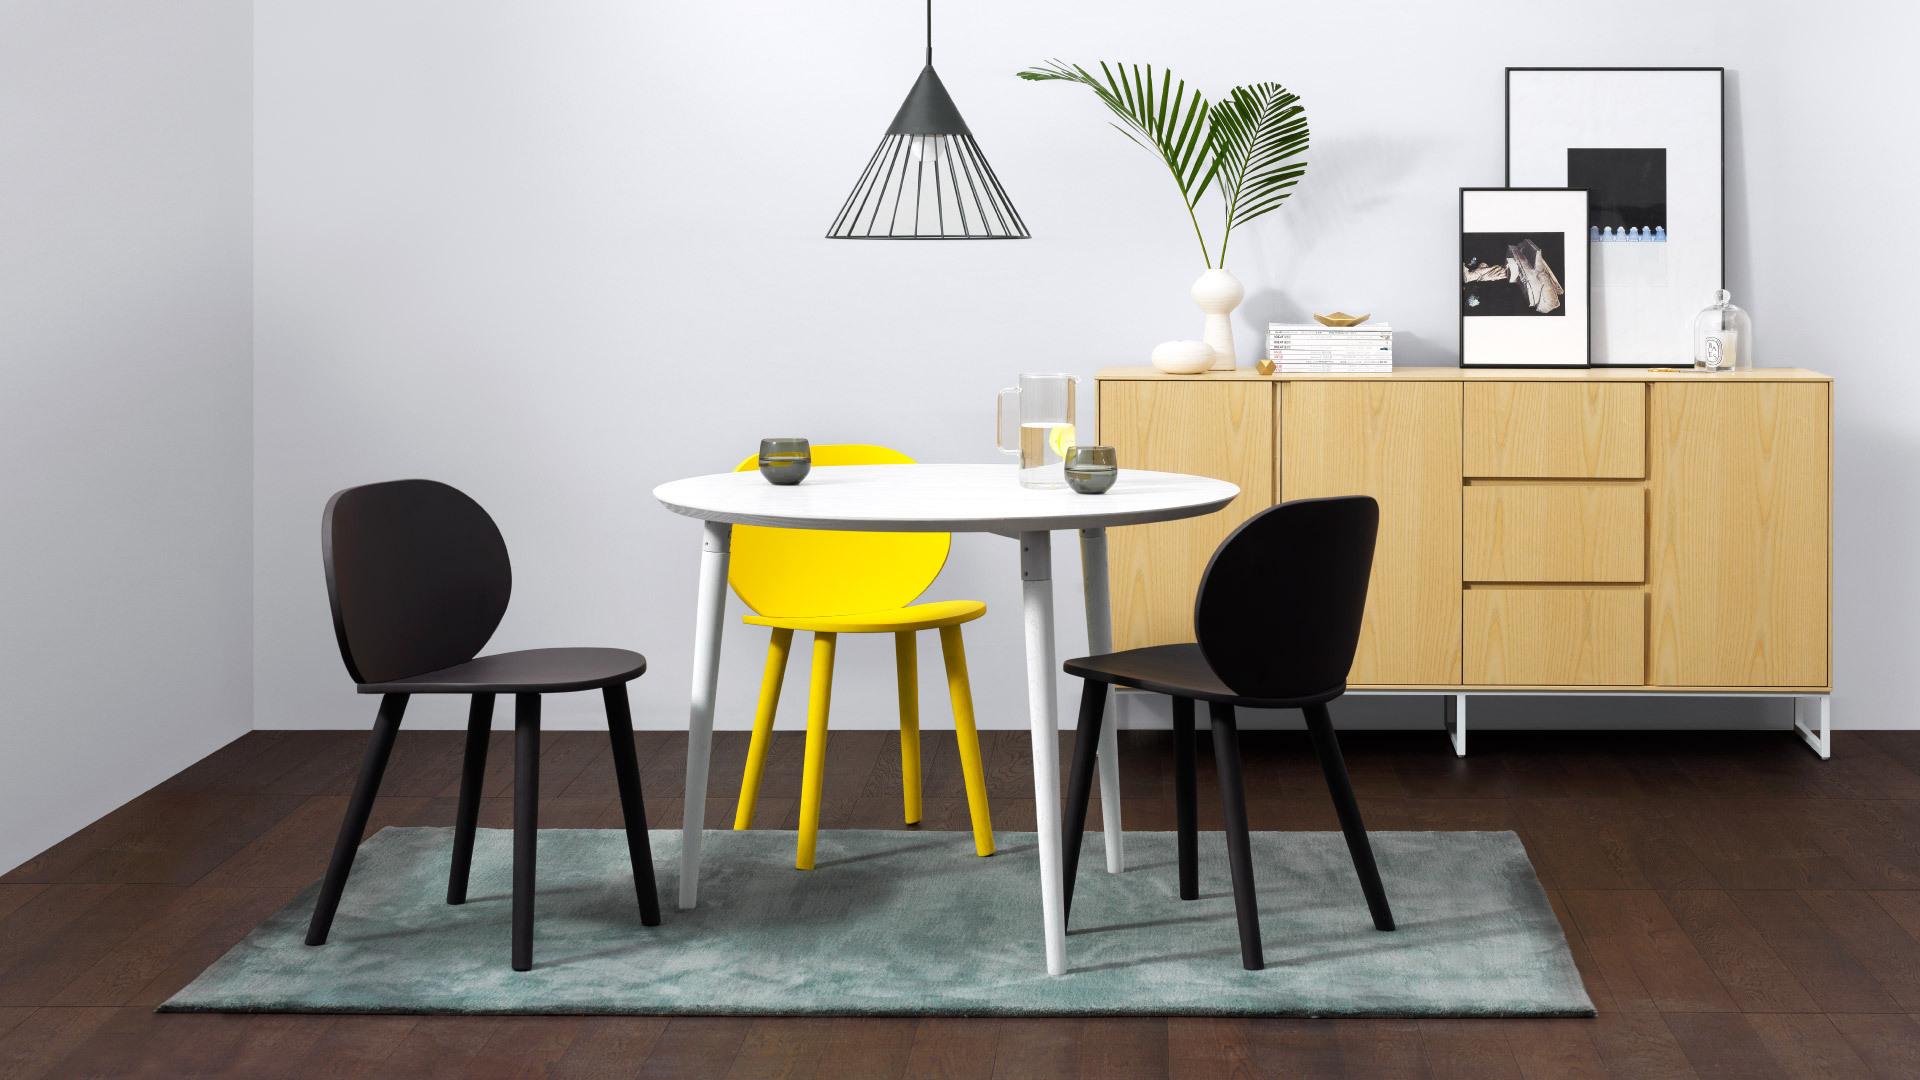 豌豆椅 | Pod Chair